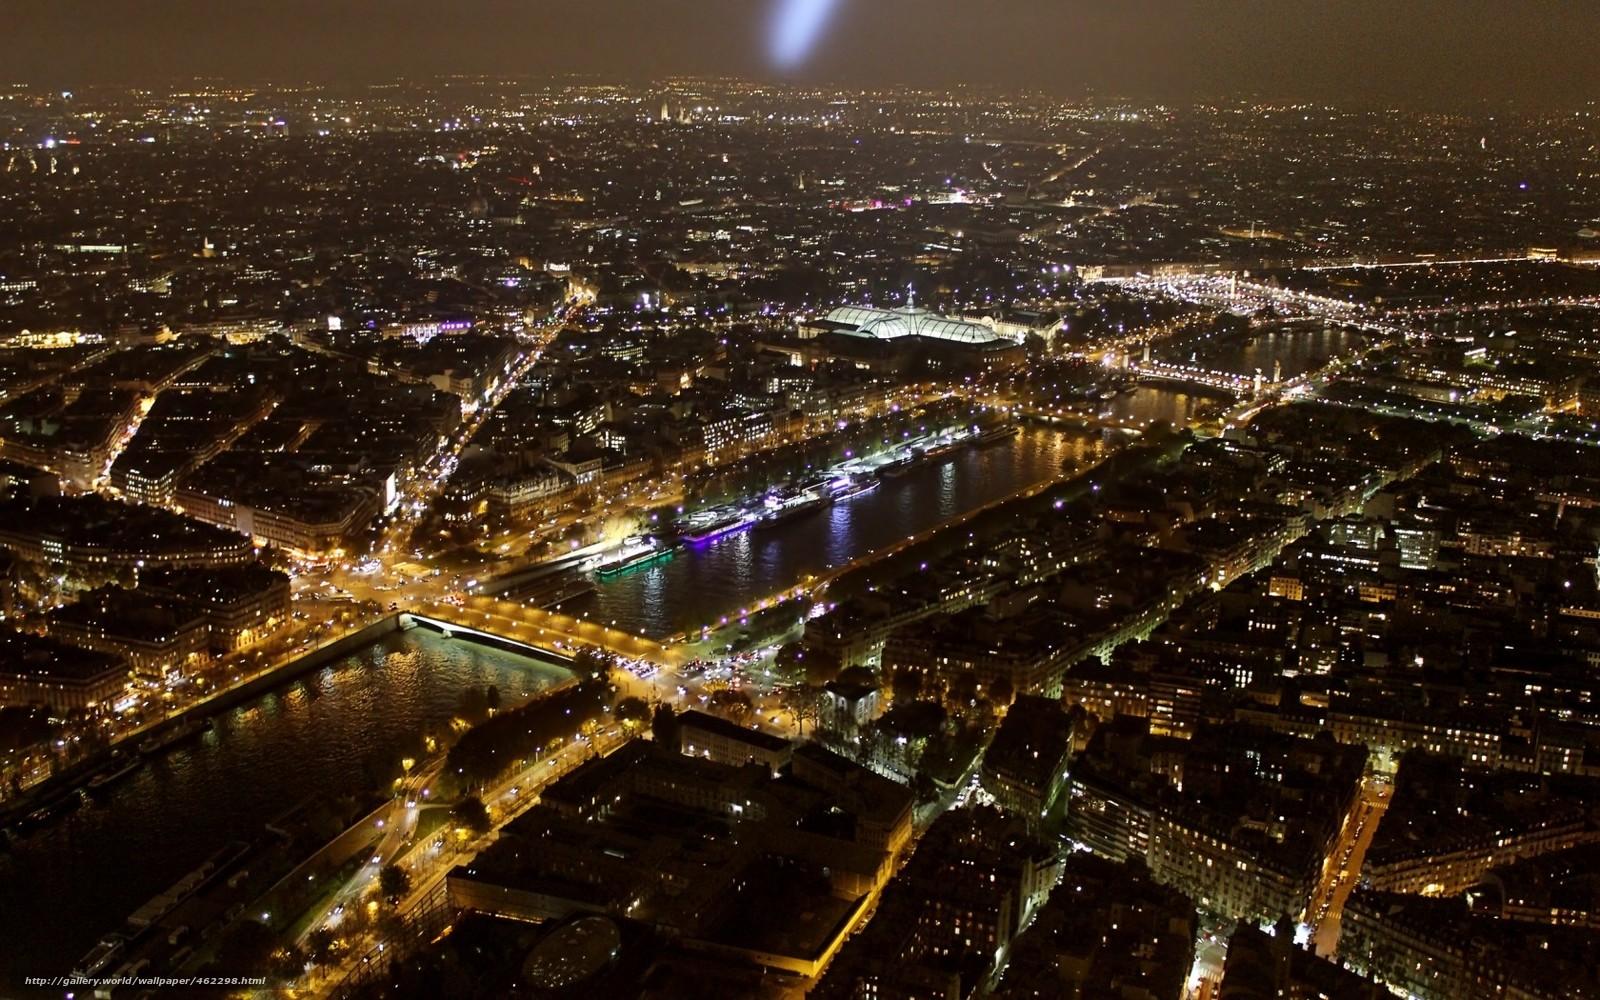 Tlcharger fond d 39 ecran france paris tour eiffel ville for Piscine de nuit paris